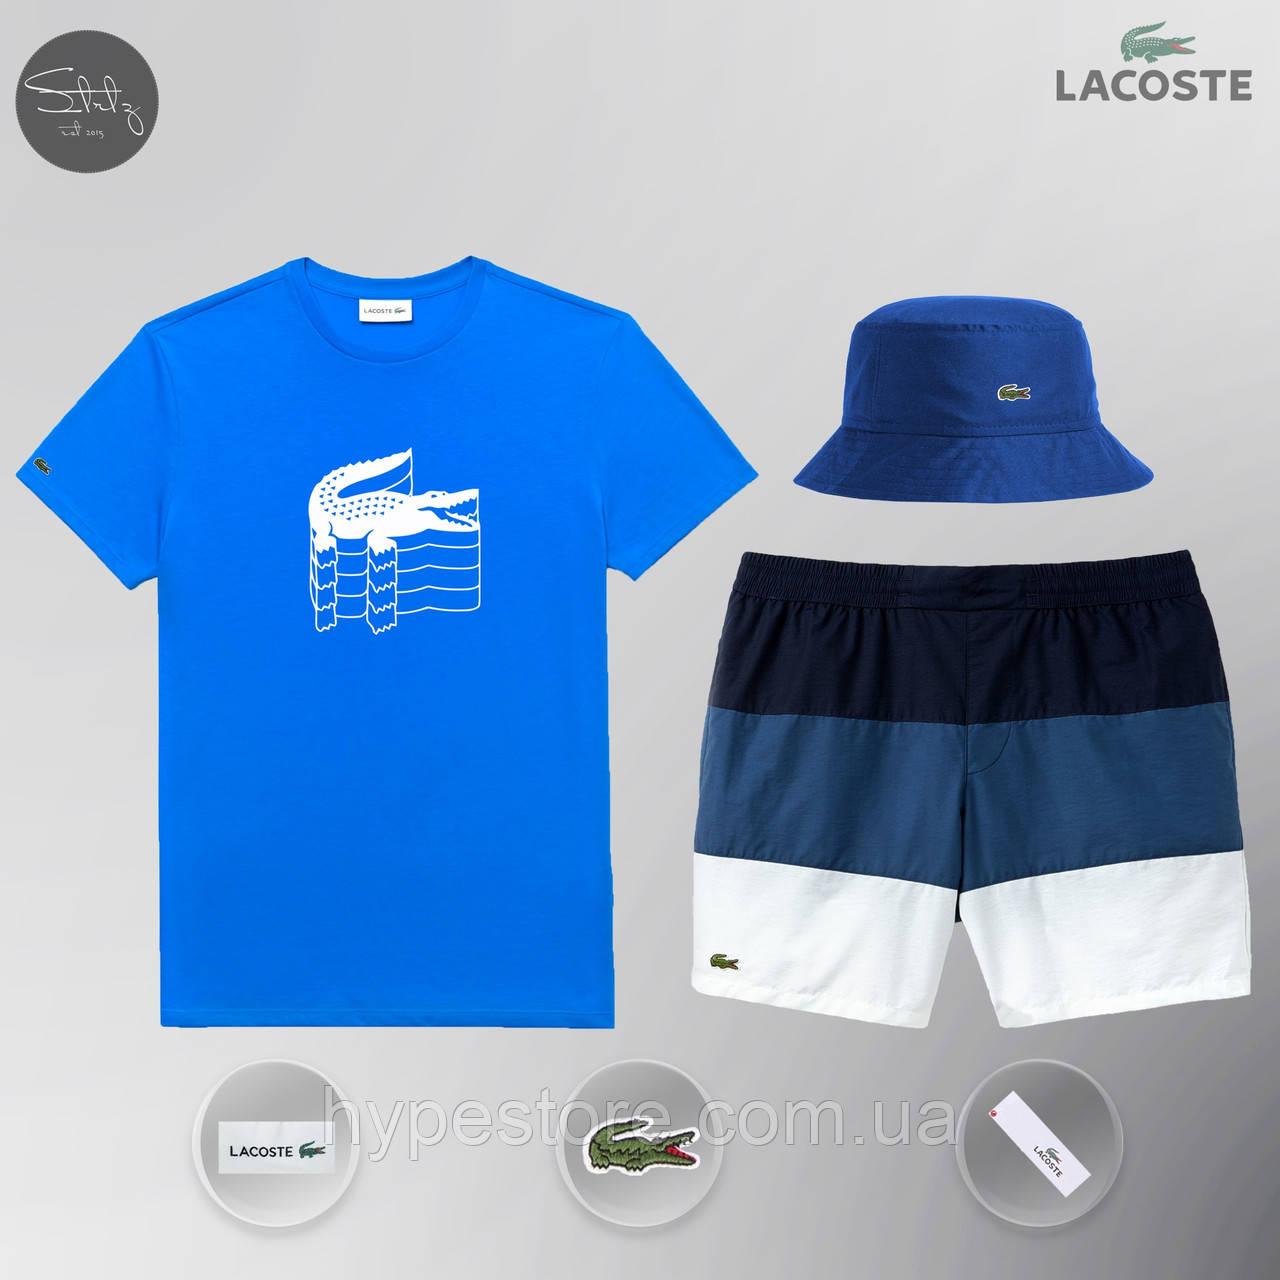 Мужской спортивный костюм лето, пляжный комплект Lacoste Flesh, шорты+футболка, панама, ТОП-Реплика